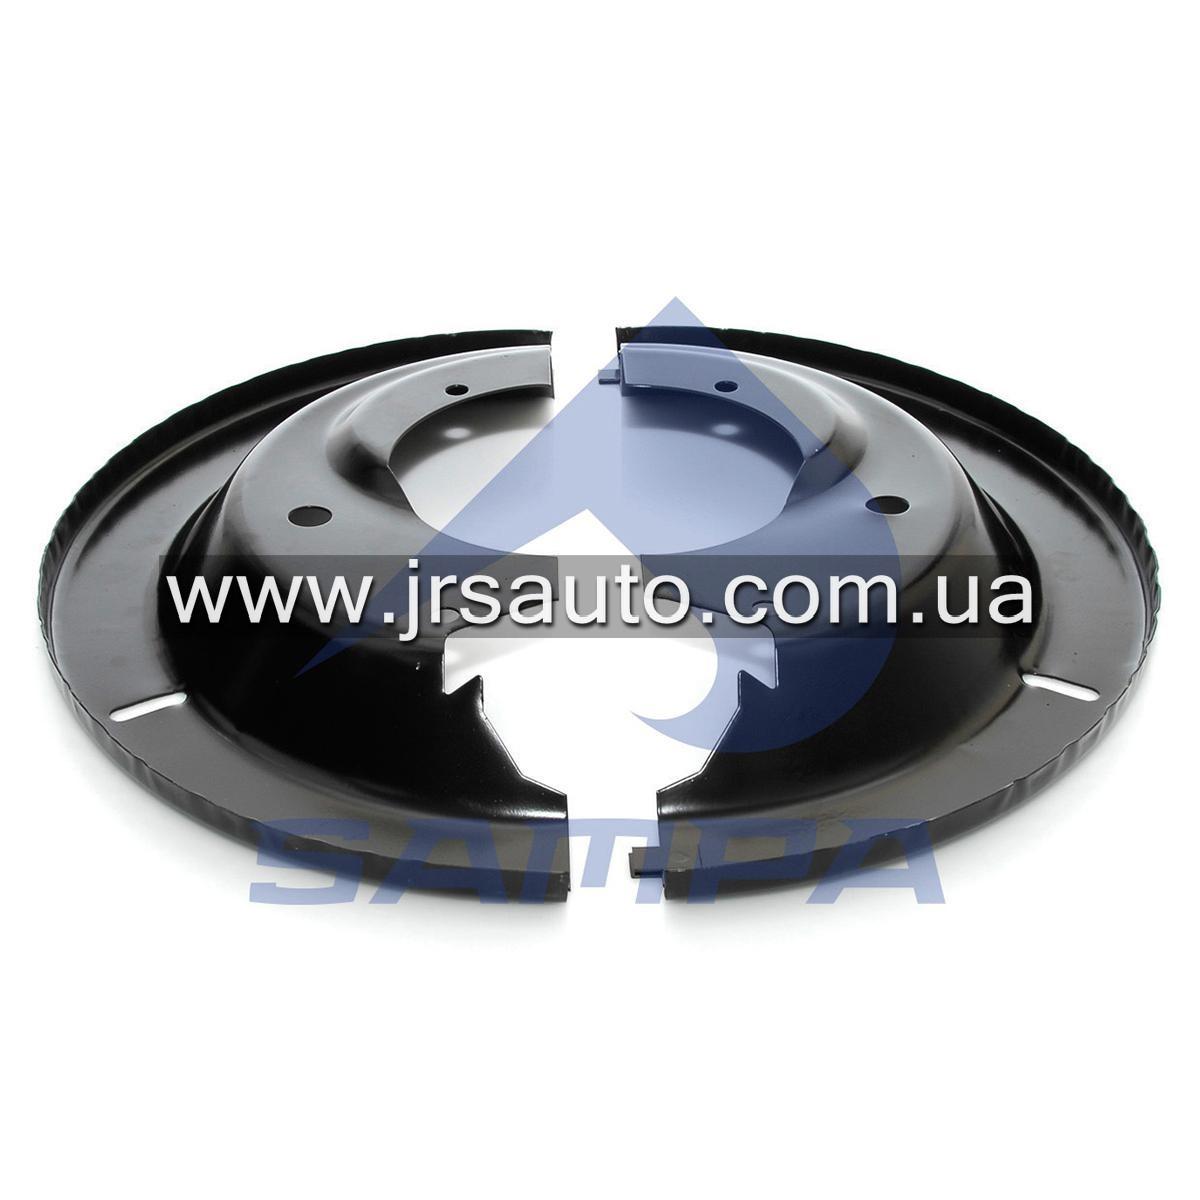 Пыльник барабана тормозного ROR на колесо 463x62 \21220647 \ 085.014